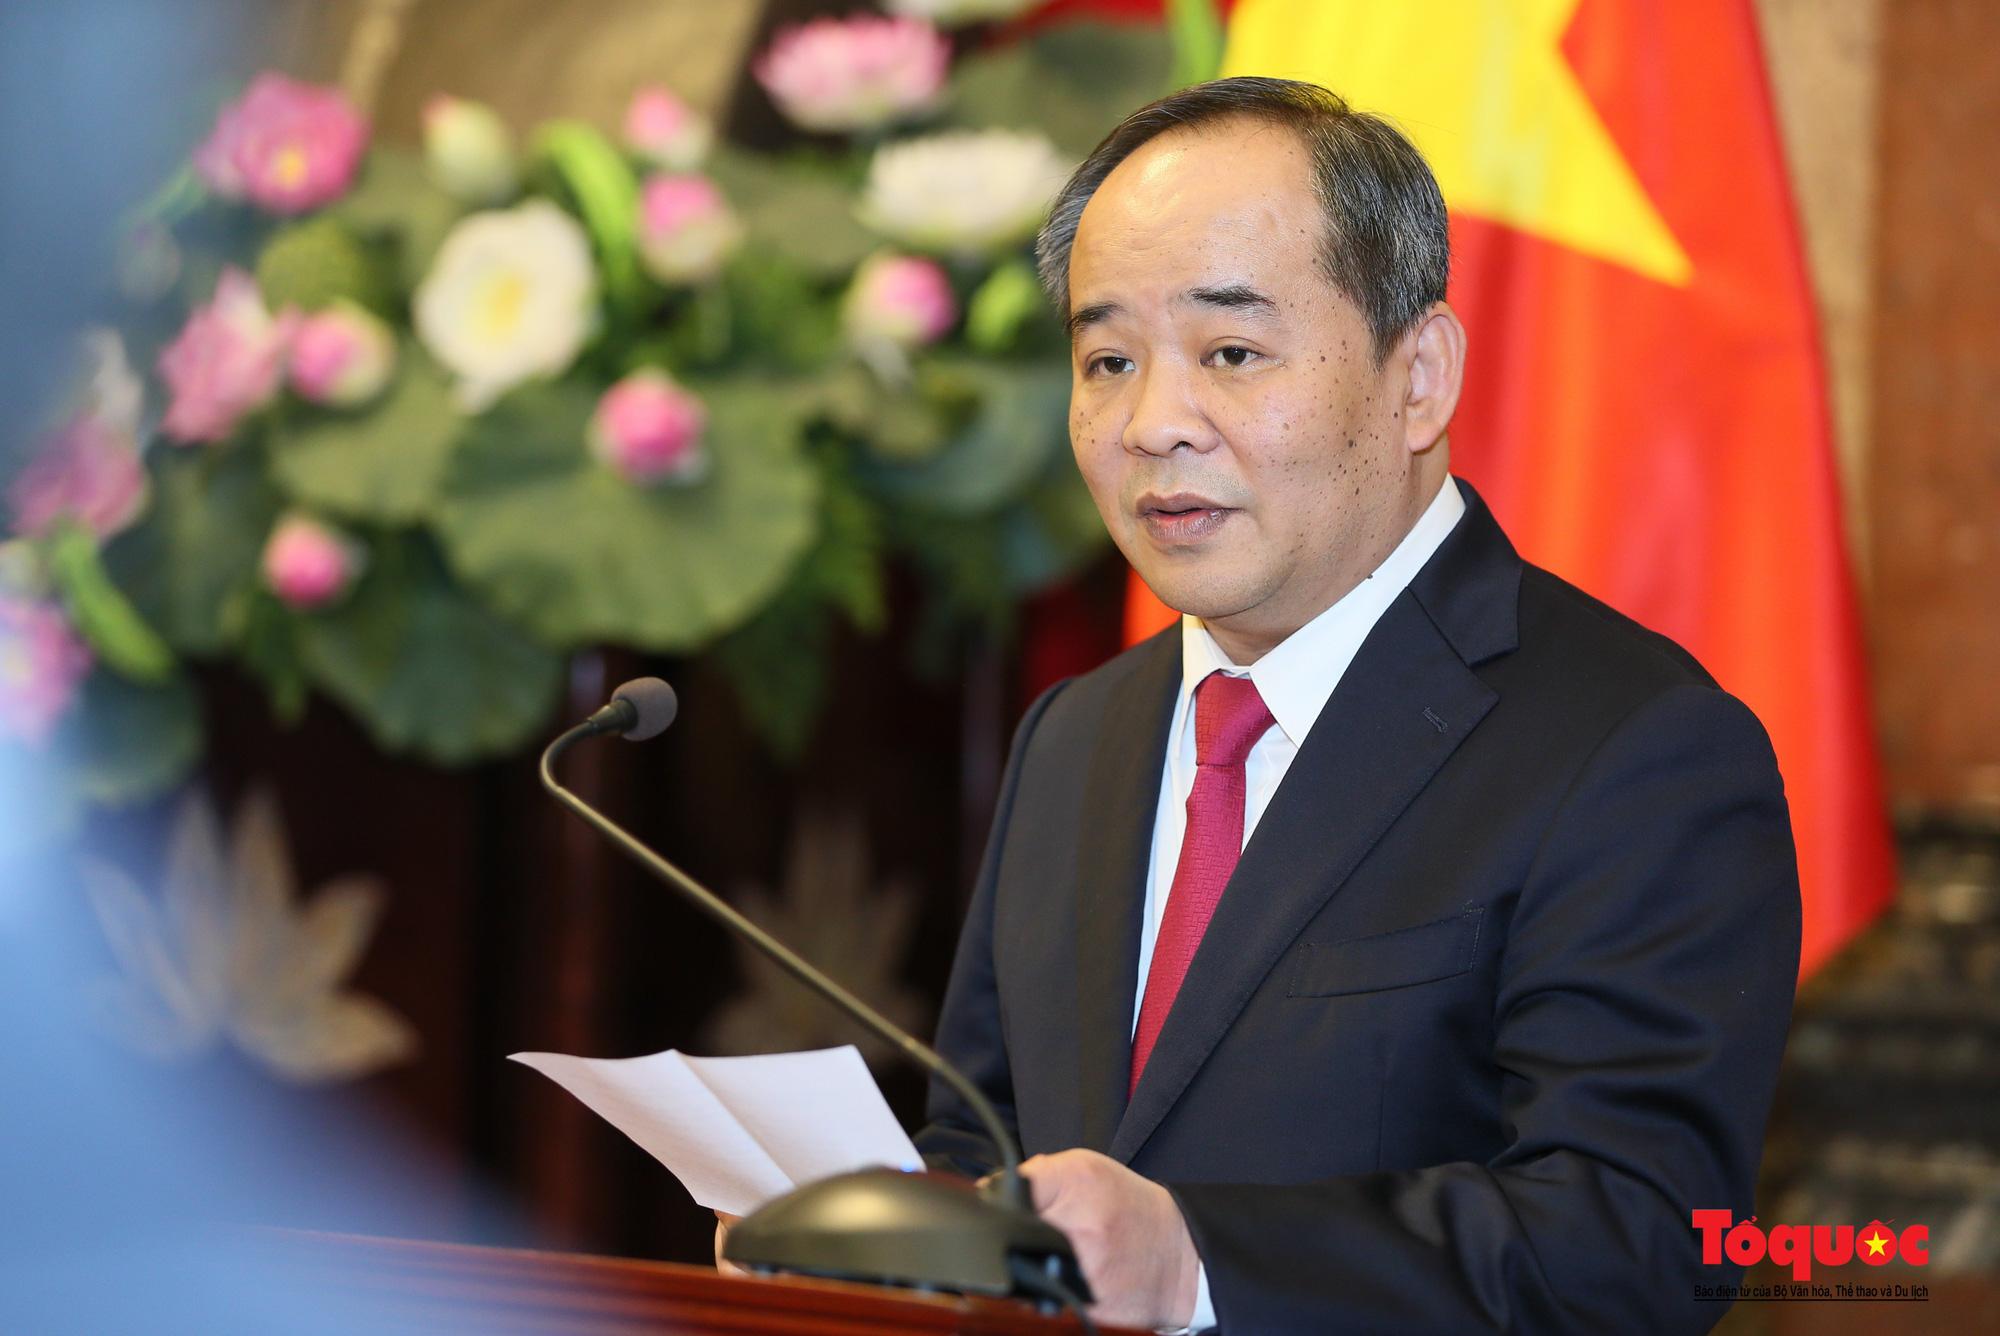 Thứ trưởng Bộ VHTTDL Lê Khánh Hải được bổ nhiệm làm Phó Chủ nhiệm Văn phòng Chủ tịch nước - Ảnh 4.